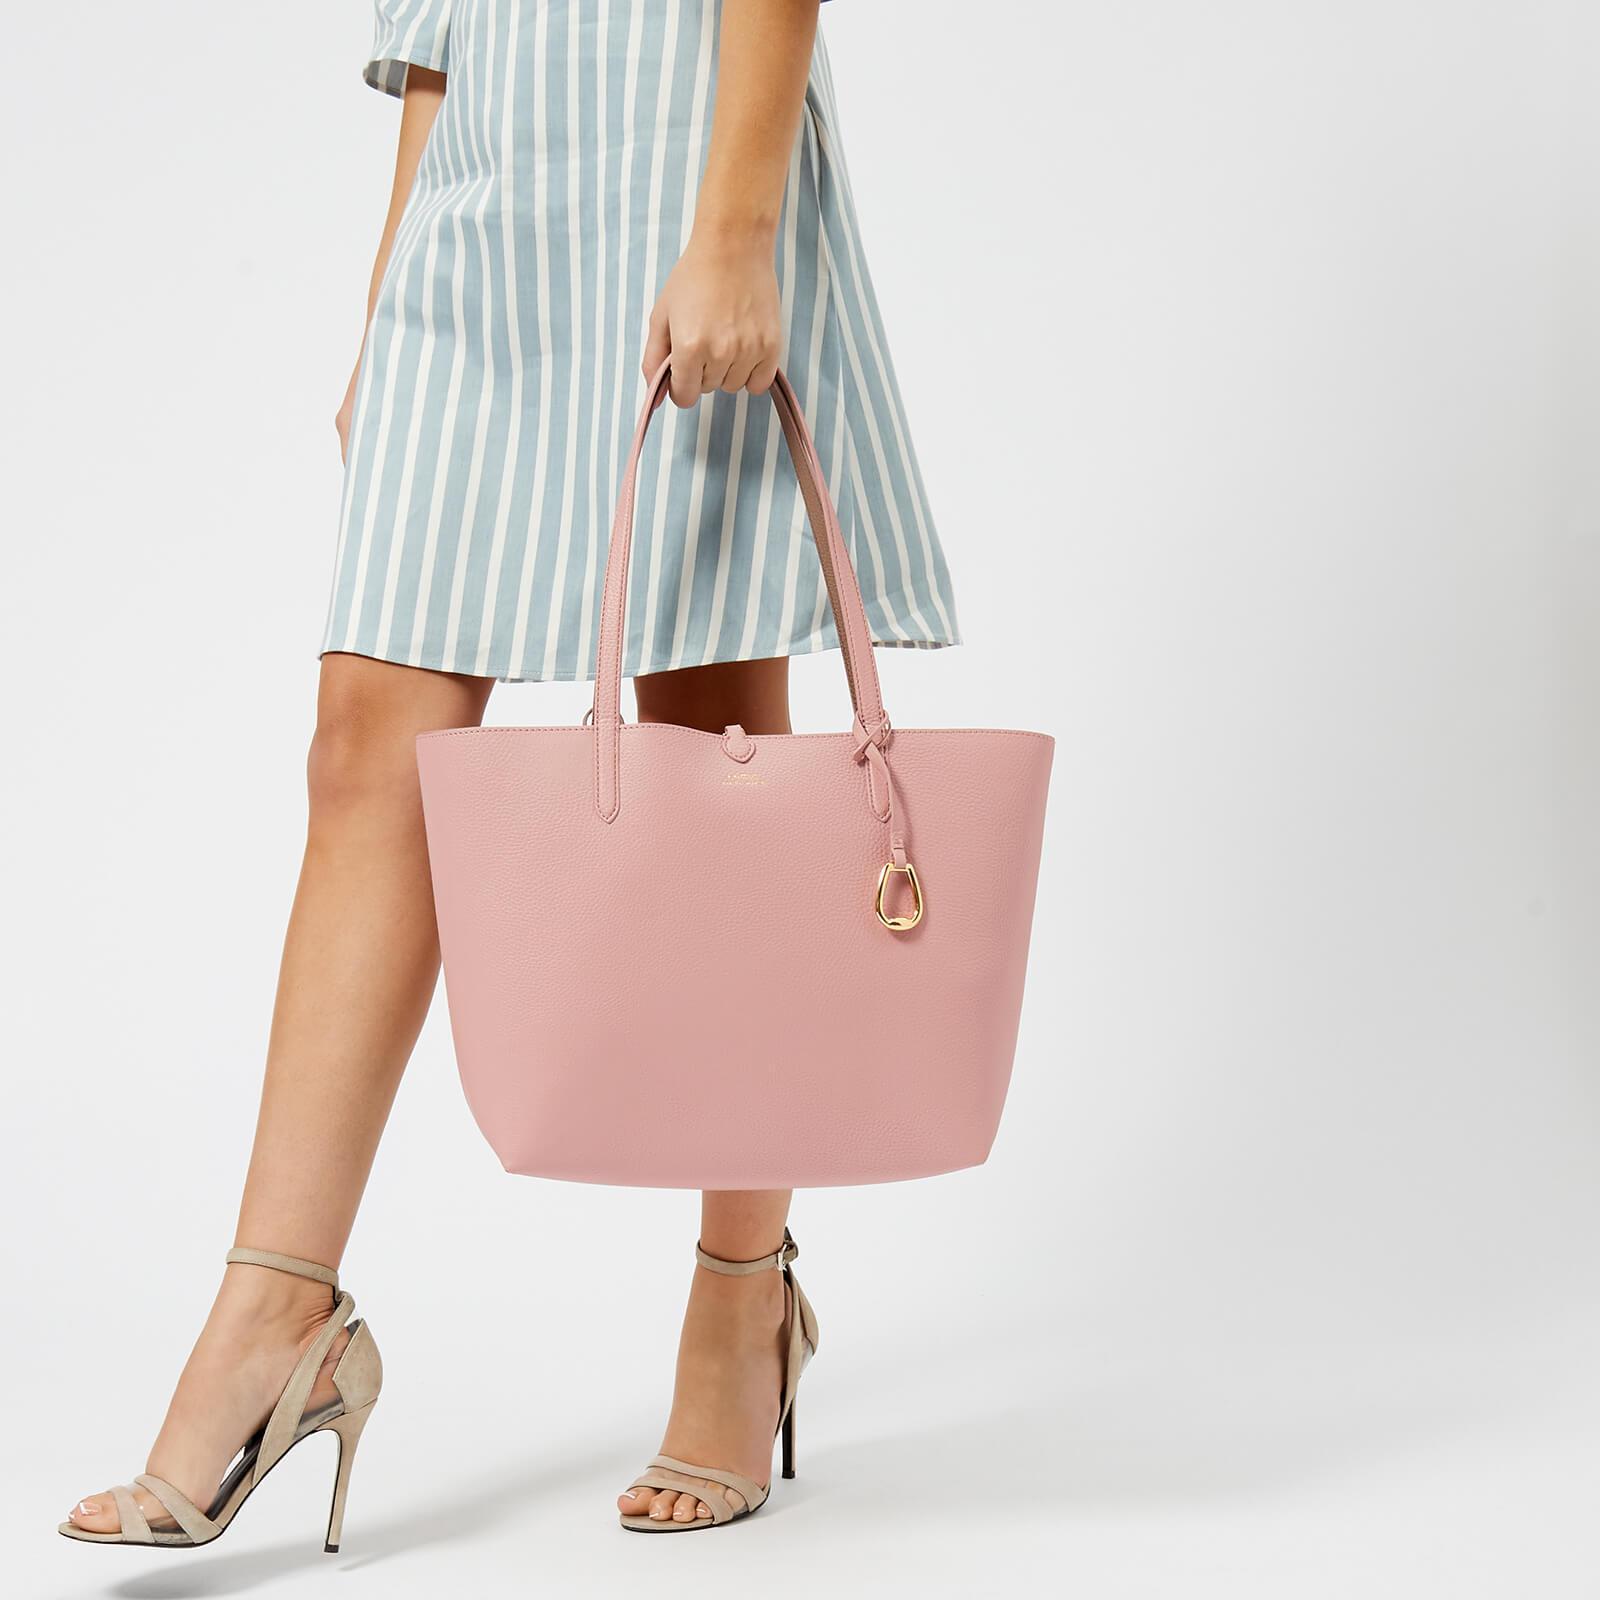 2c48b217ccb4 Lauren by Ralph Lauren Merrimack Reversible Tote Bag in Pink - Lyst